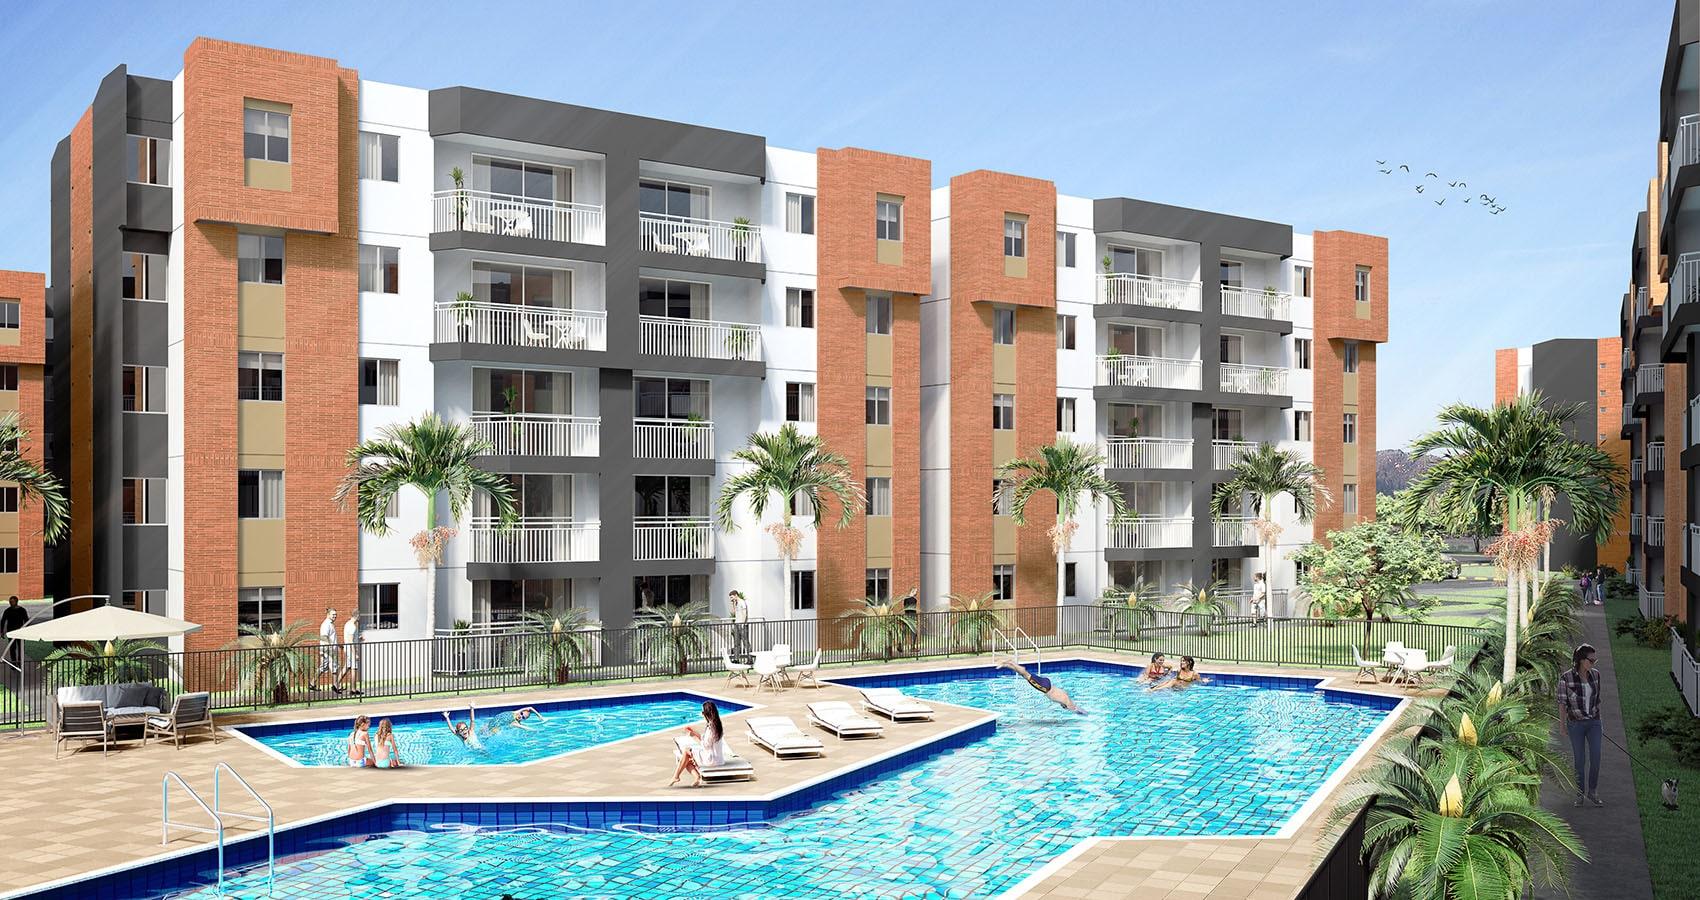 jacaranda proyecto de apartamentos en el Valle del Cauca, constructora bolívar